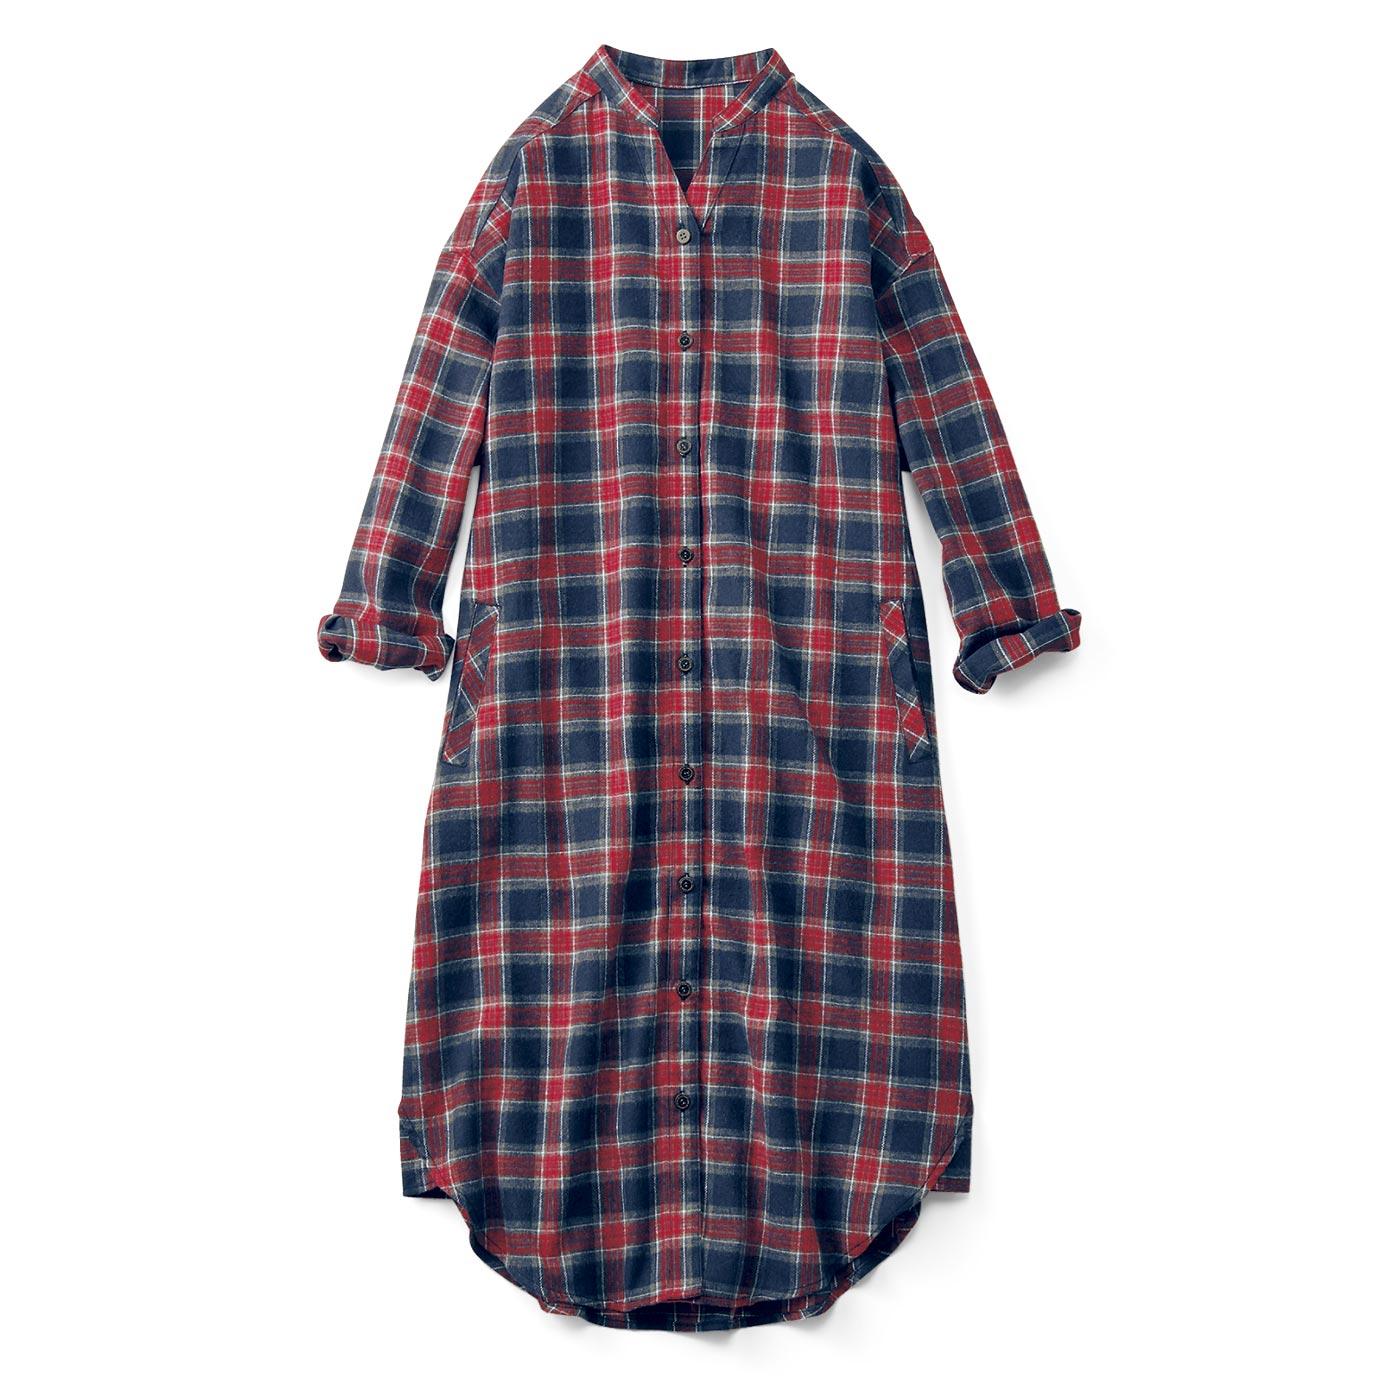 フェリシモ リブ イン コンフォート スタンドカラーで小顔見えするネルチェックシャツワンピース〈ネイビーxレッド〉